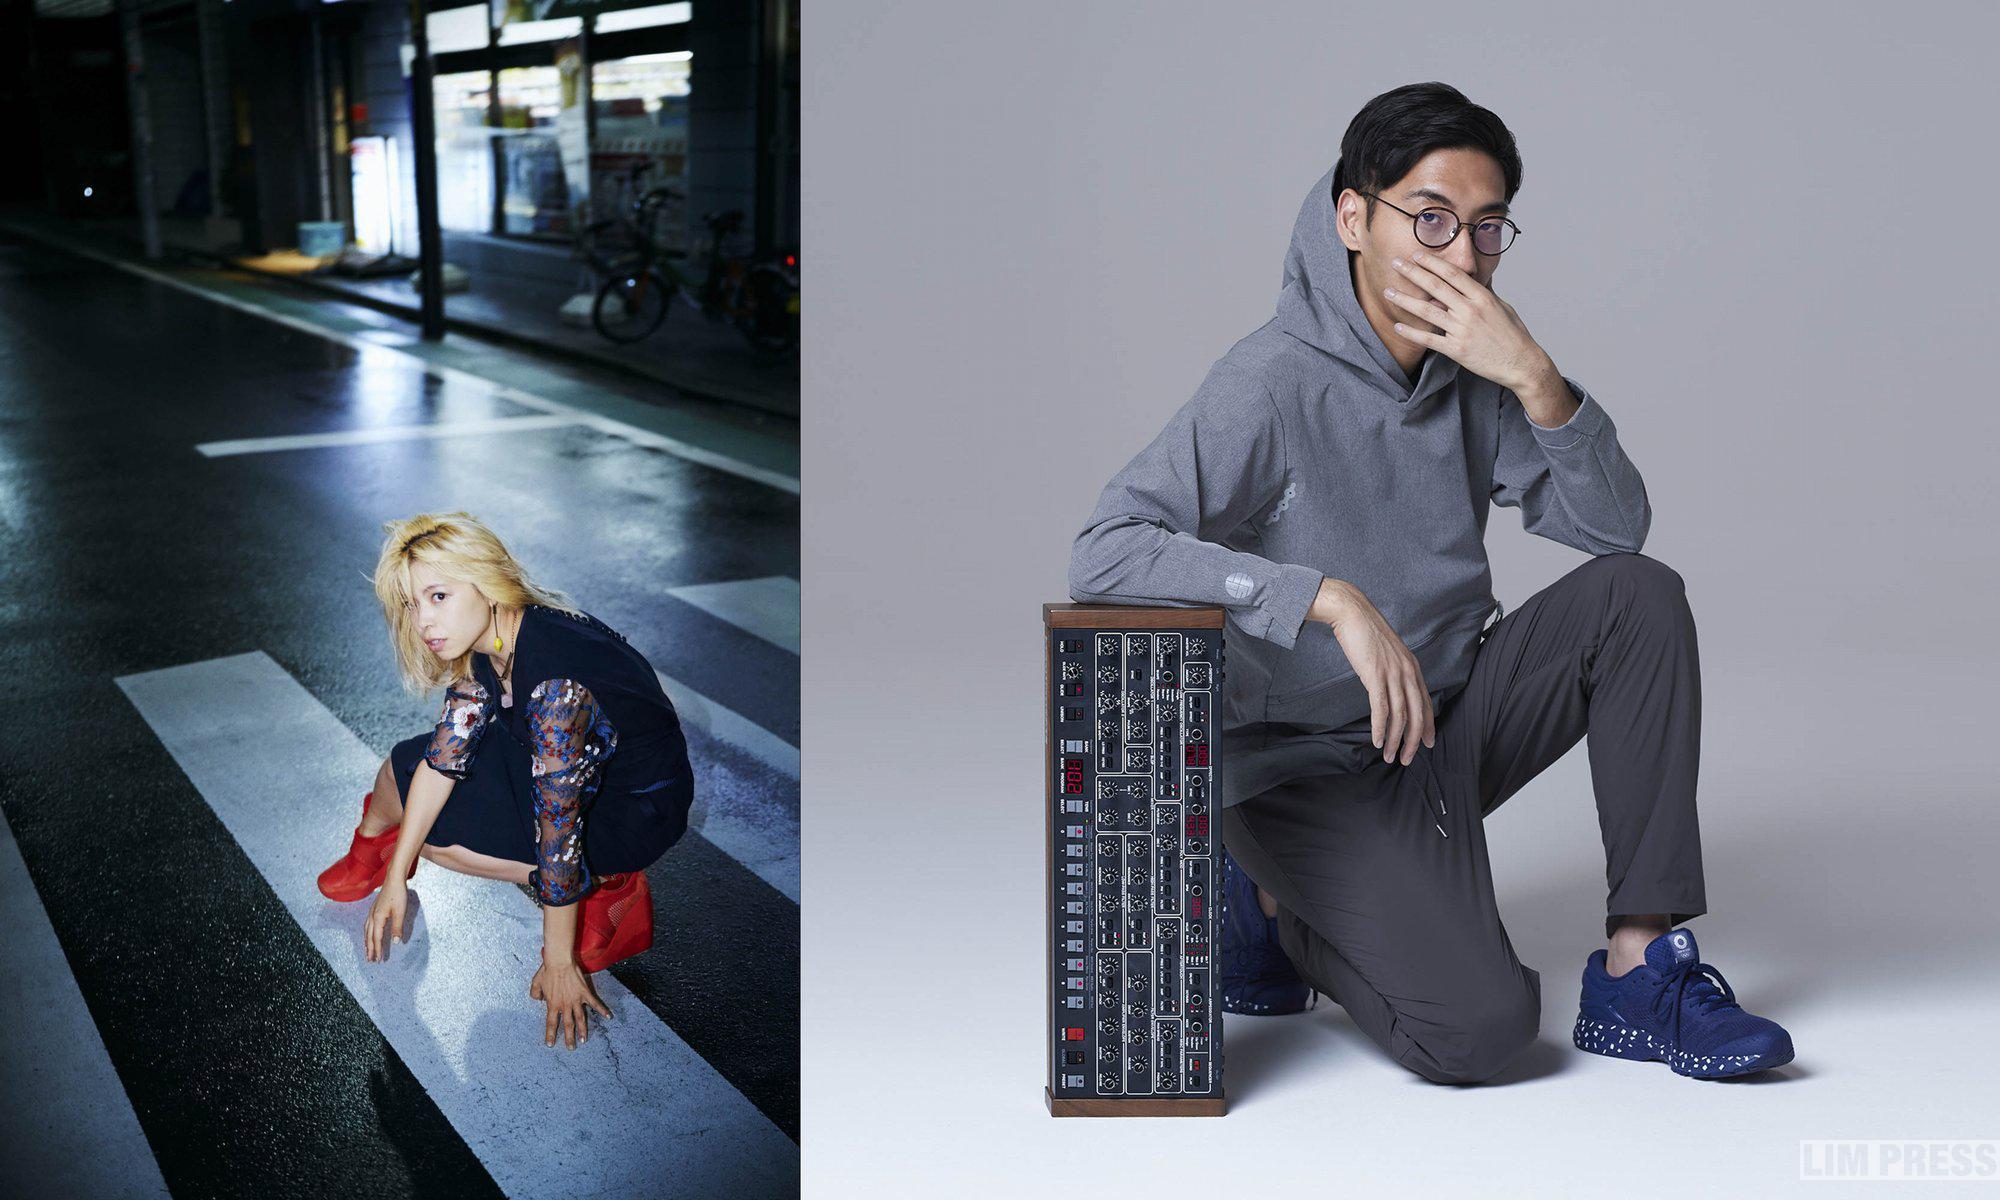 大比良瑞希 tofubeats Remix 記念イベント決定!